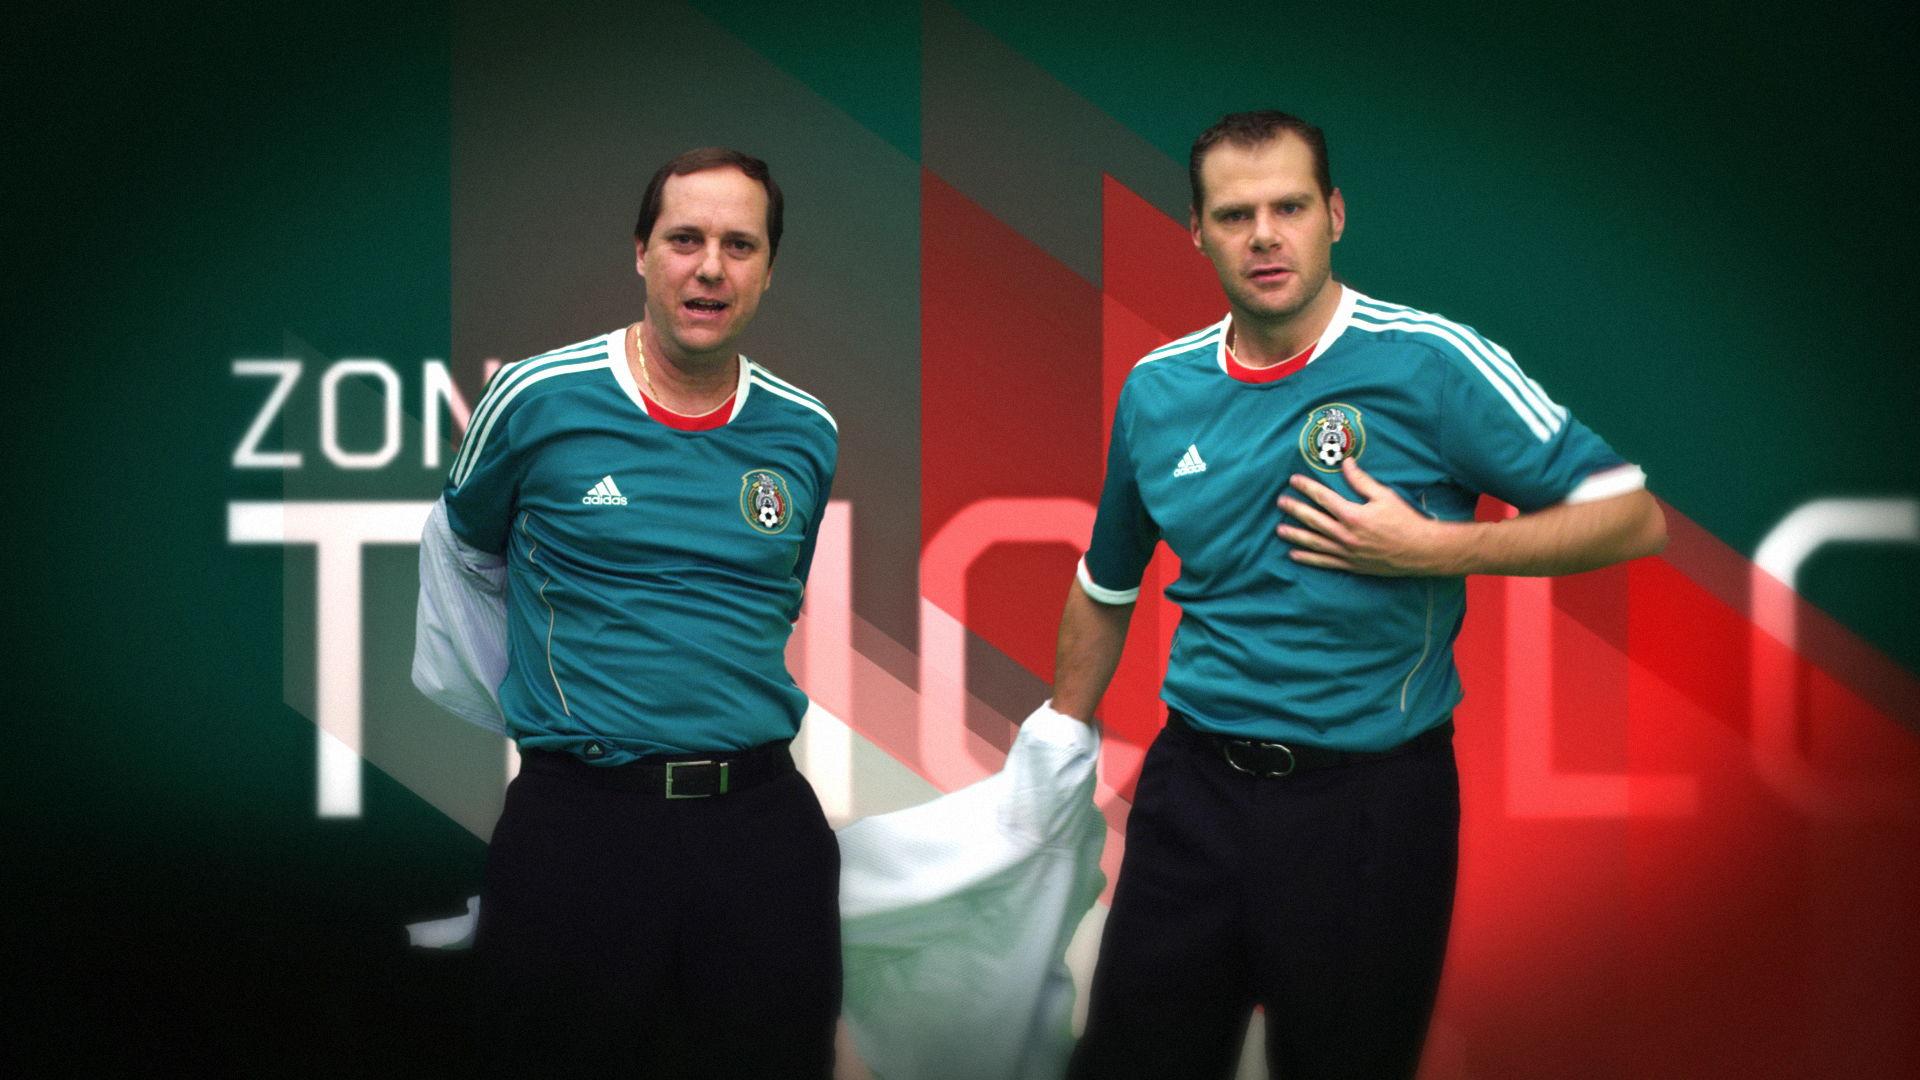 Zona Tricolor